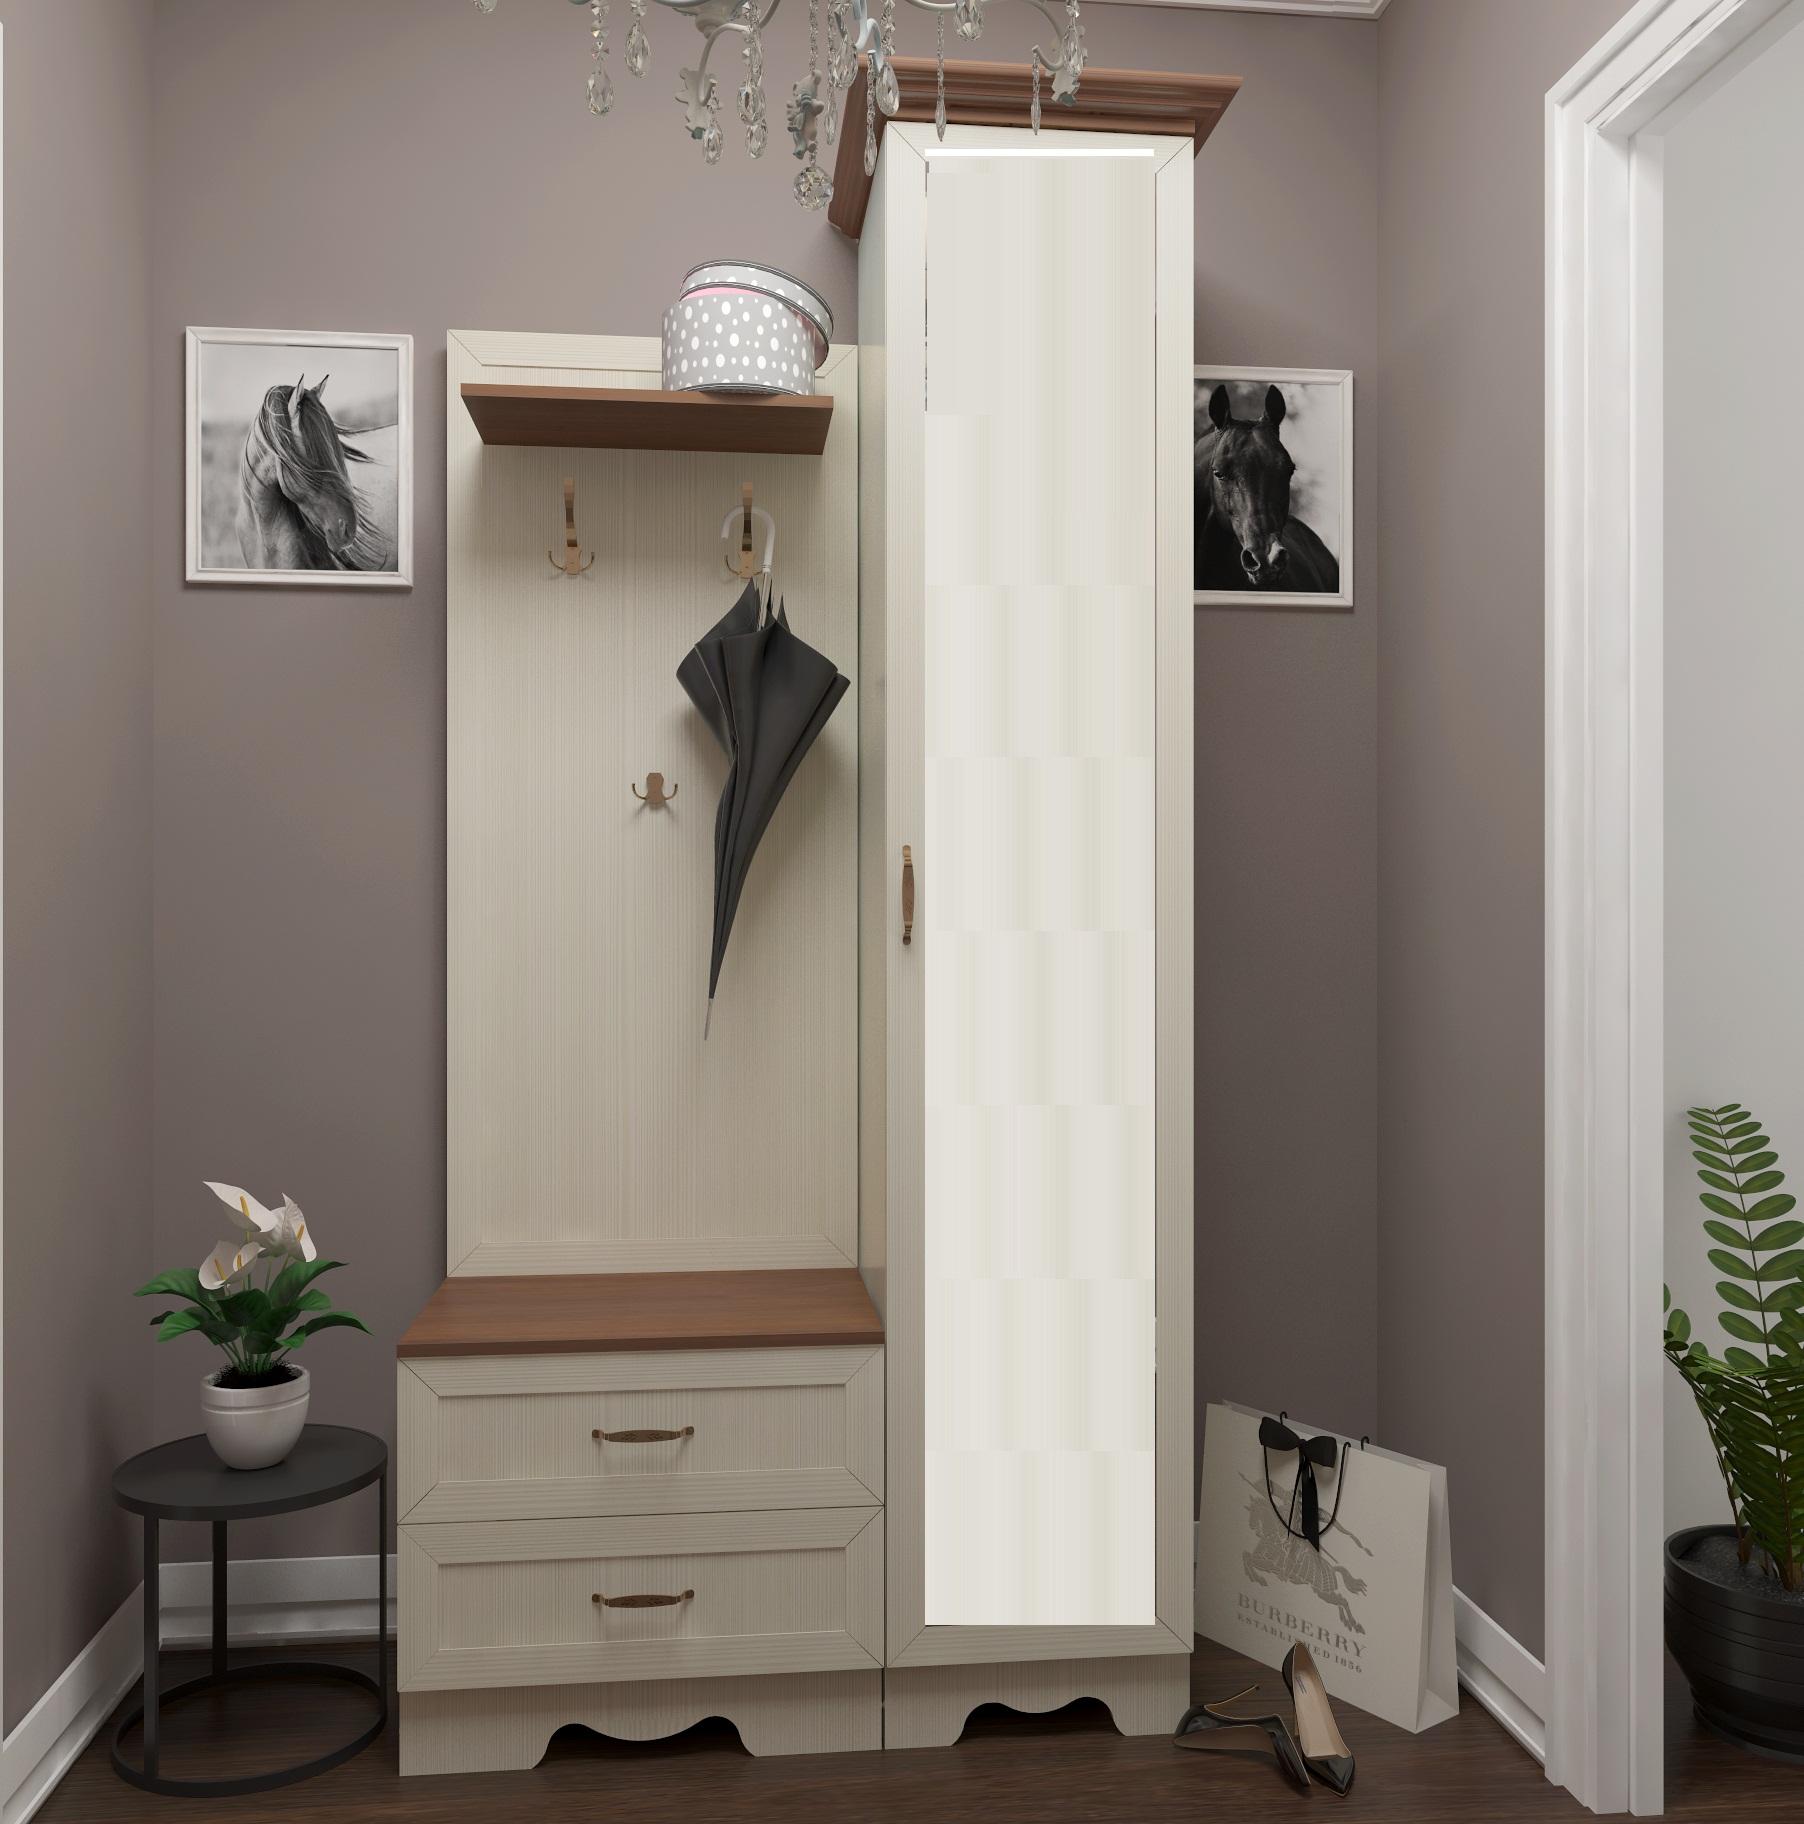 Мебельвоз - качественная мебель для дома по доступным ценам